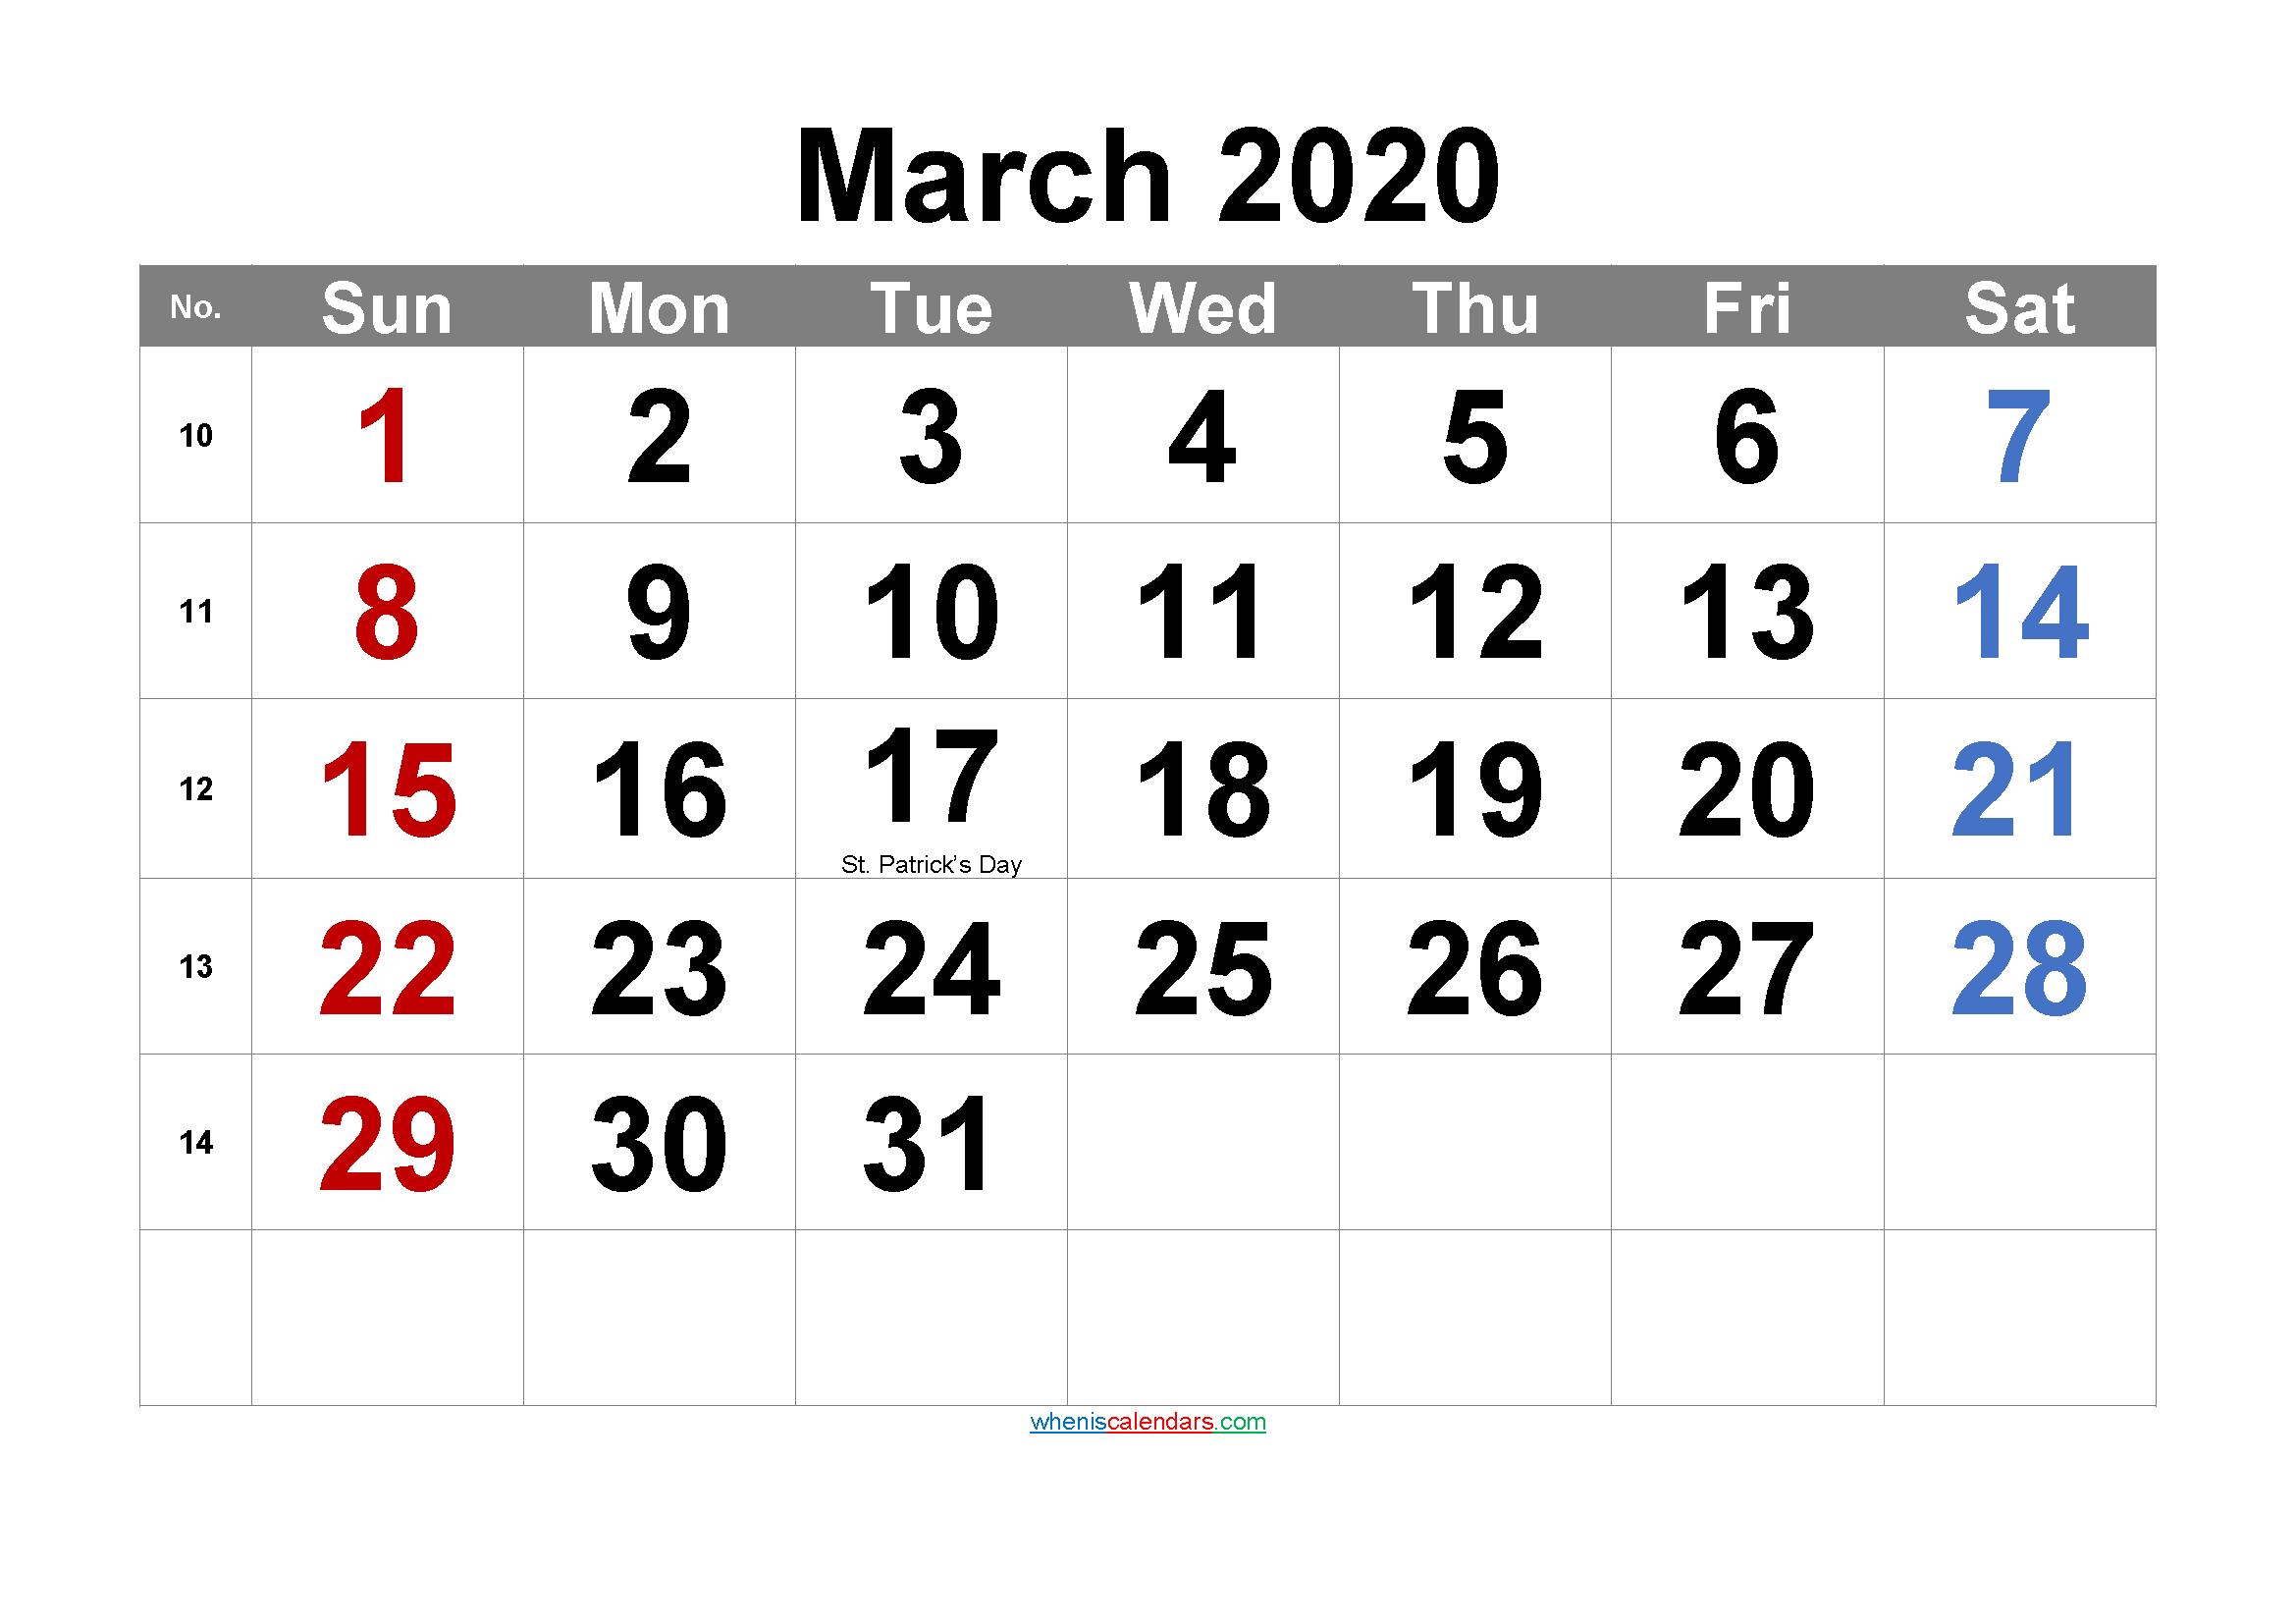 Editable March 2020 Calendar with Holidays